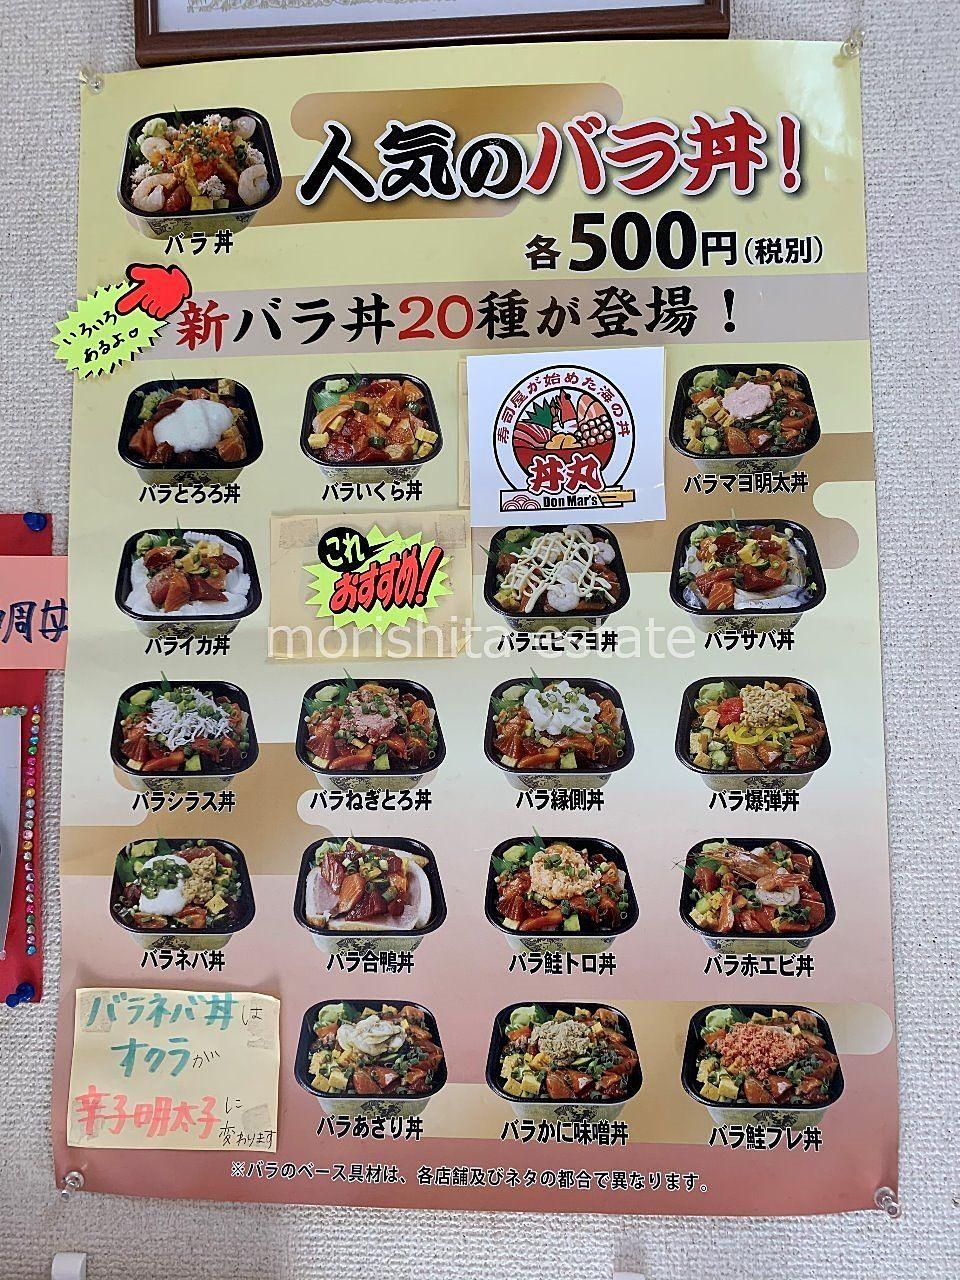 丼丸 笹舟 森下店 バラ丼 メニュー 写真